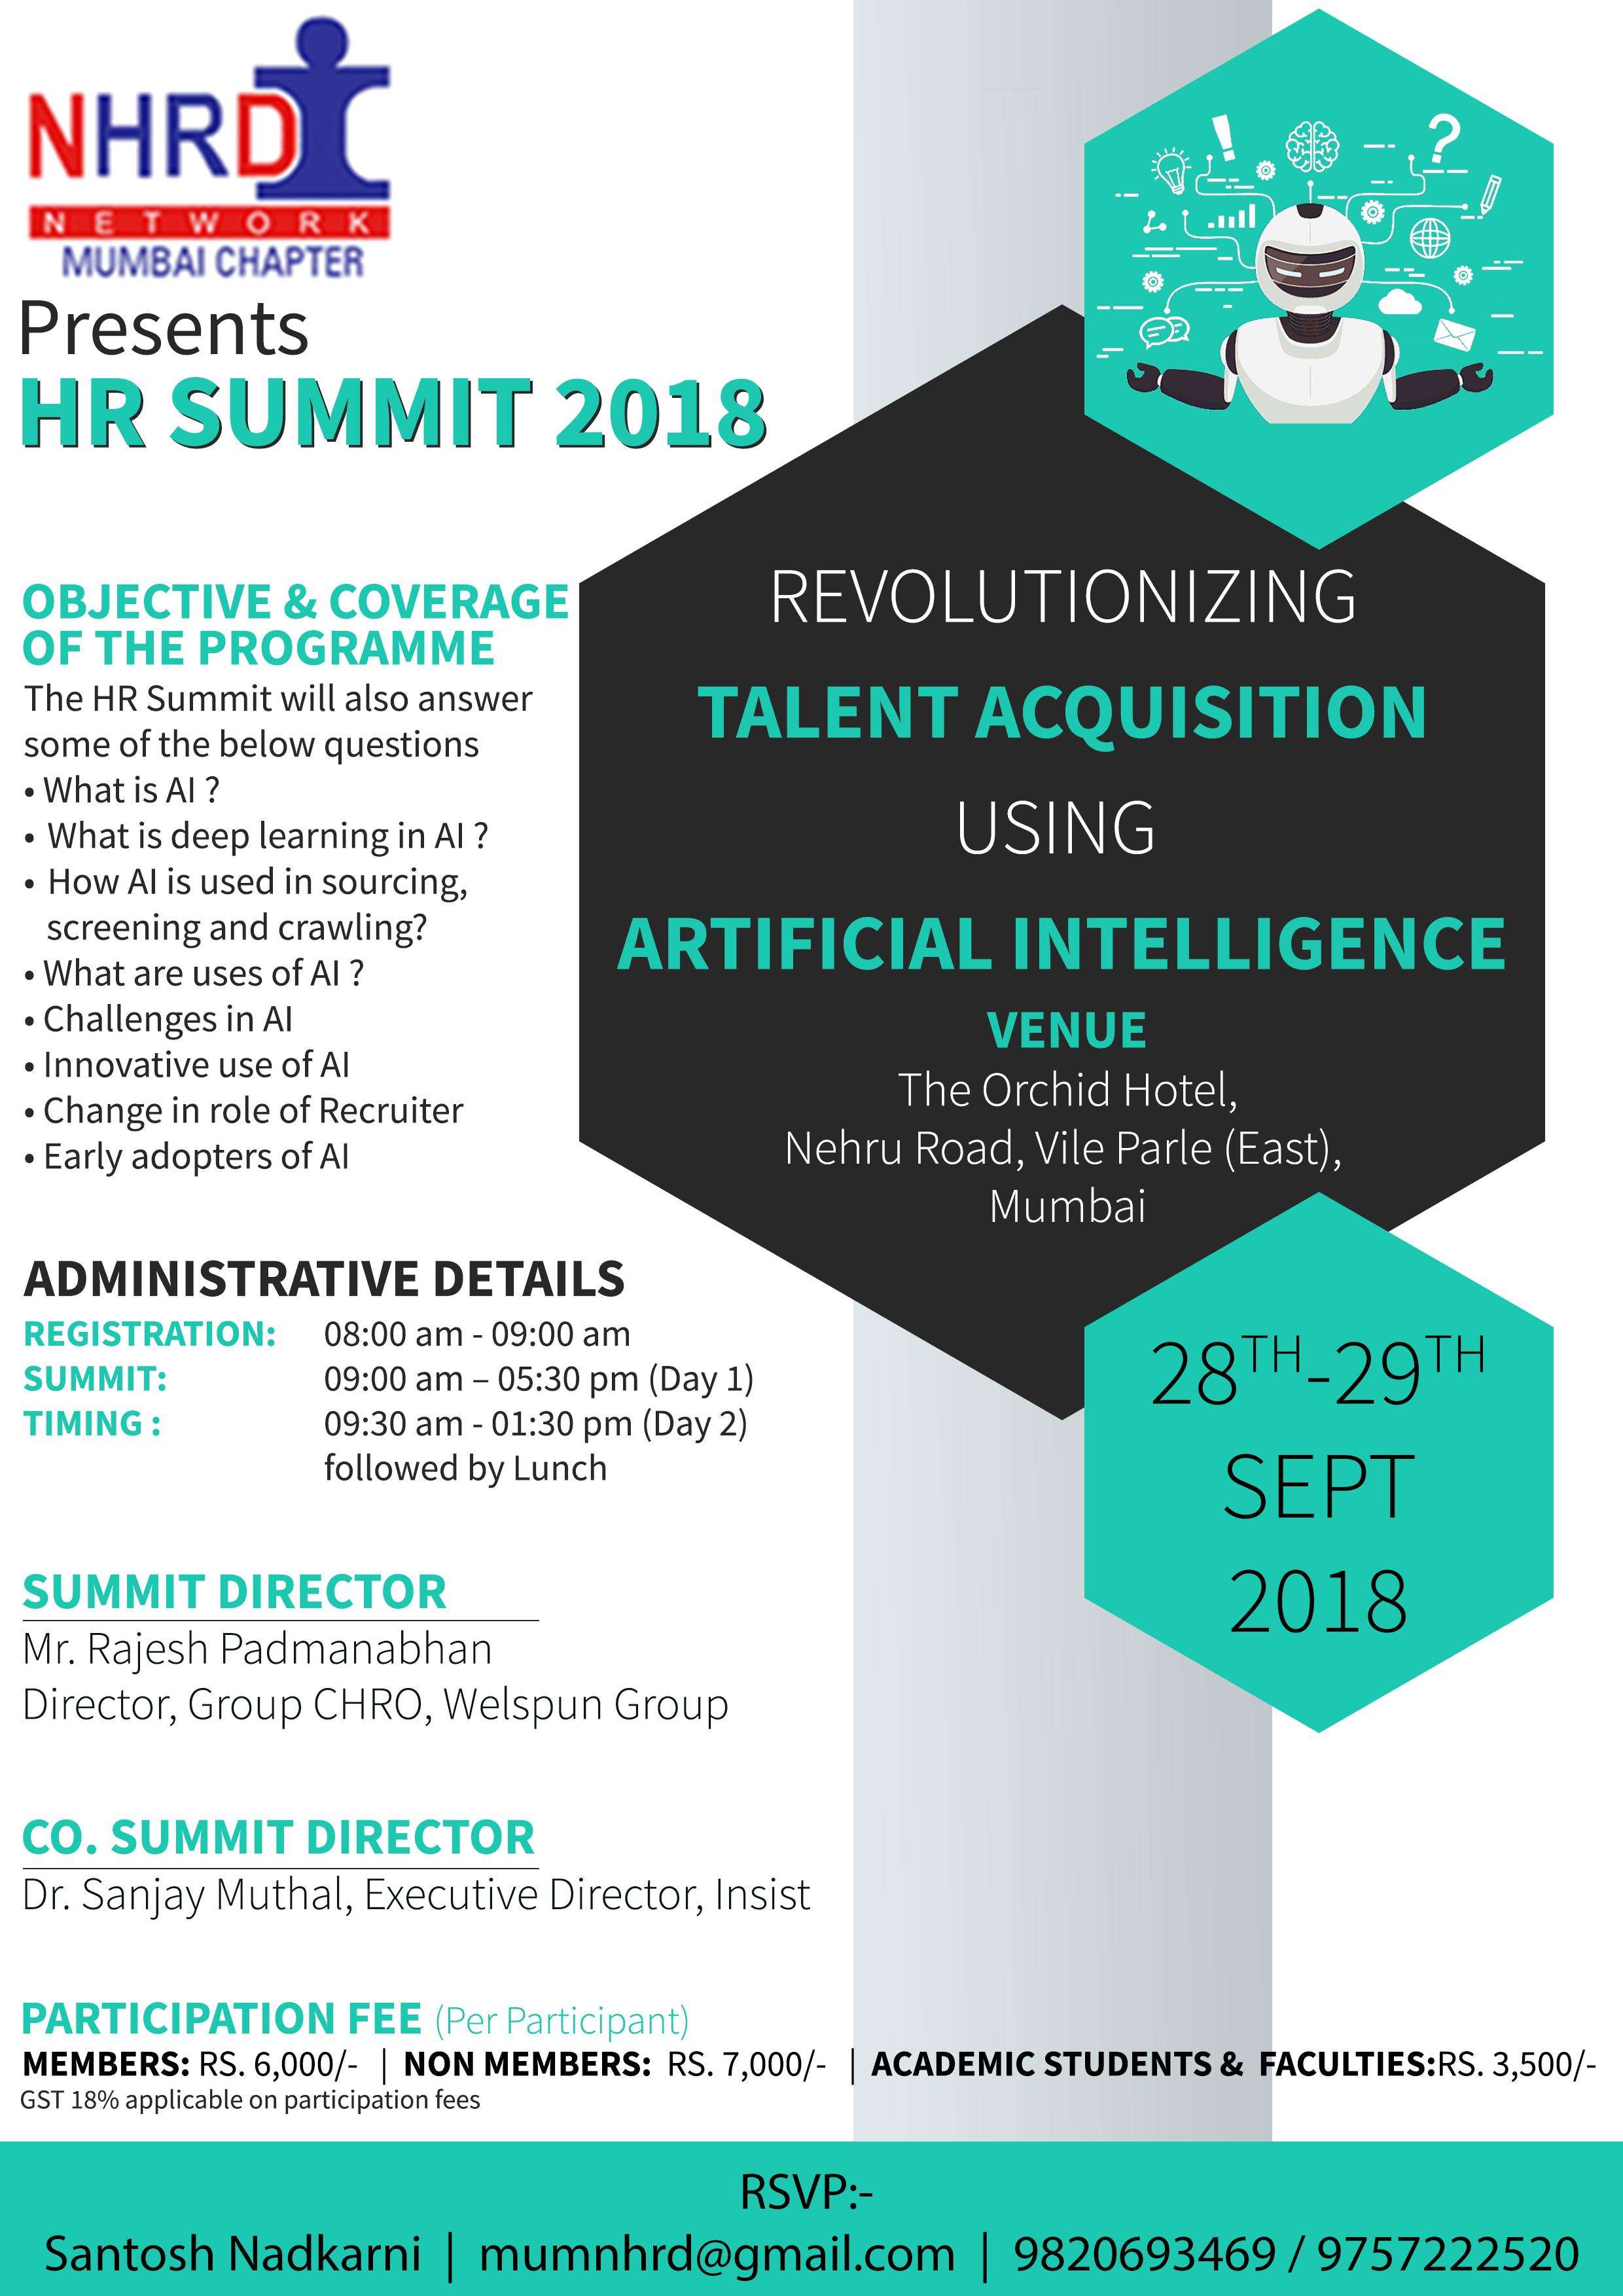 HR Summit 2018